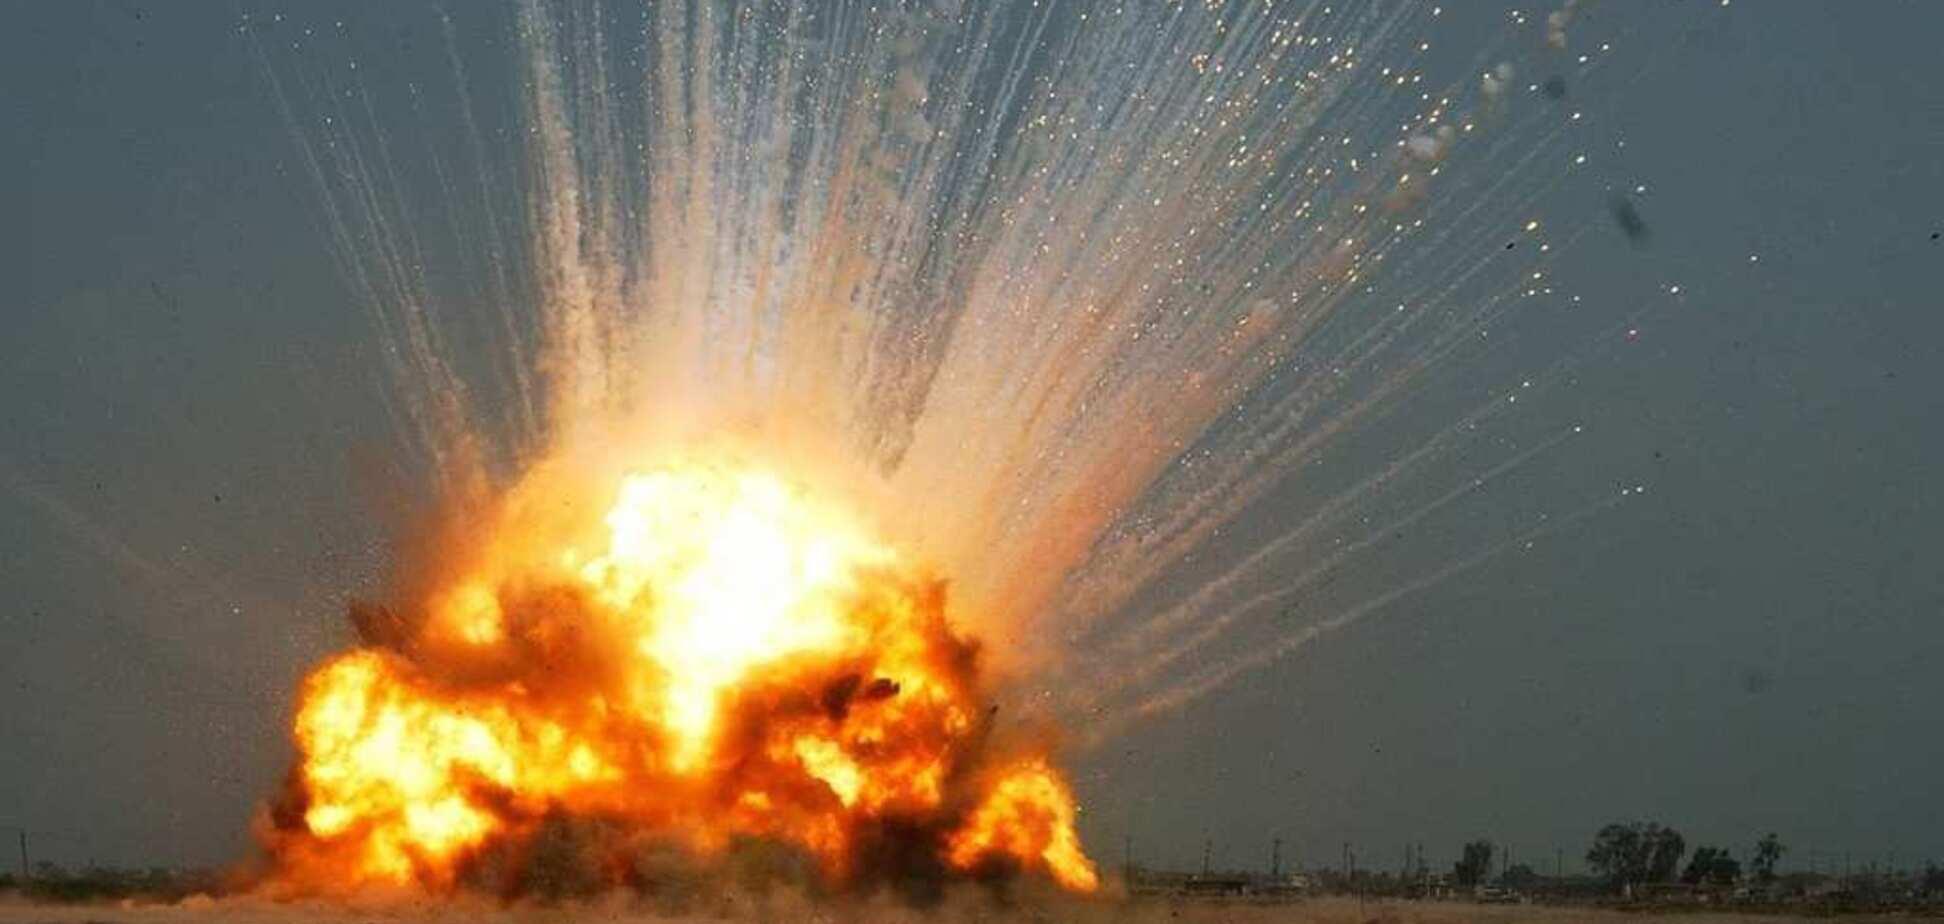 Довоювалися: в 'ДНР' вибухнув склад боєприпасів